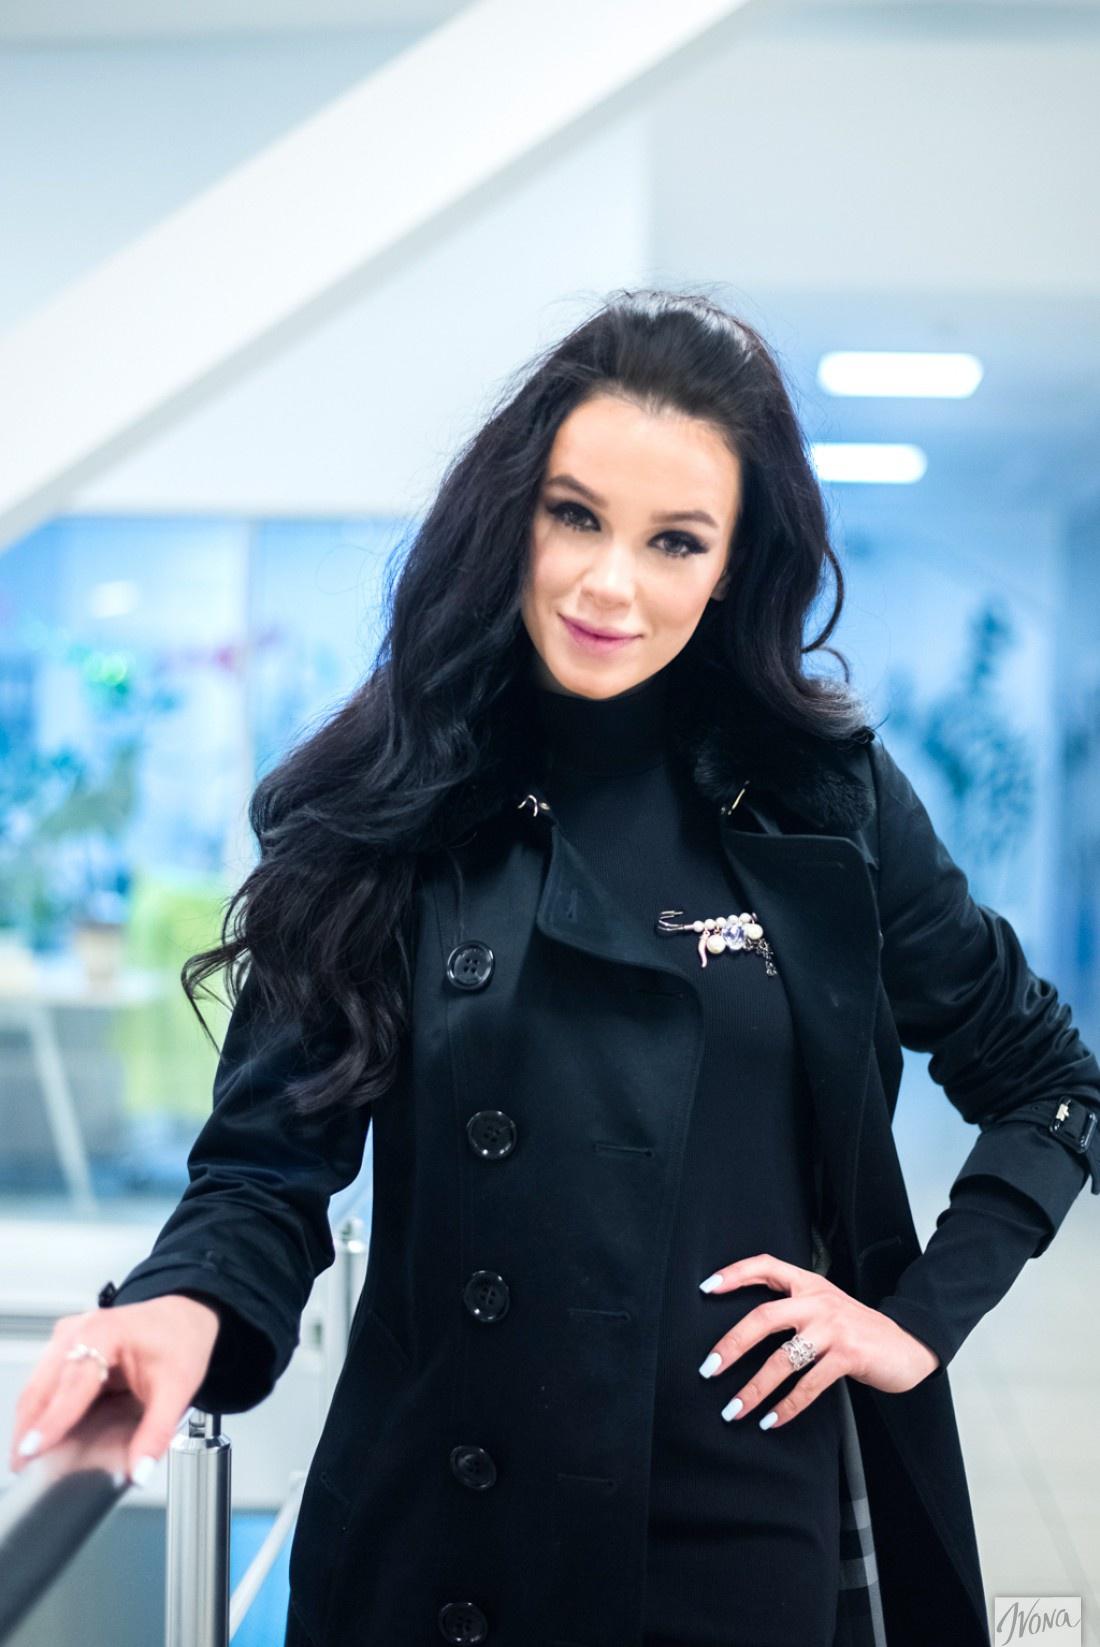 Мария Яремчук: Быть красивой – это не укорять себе ни в чем